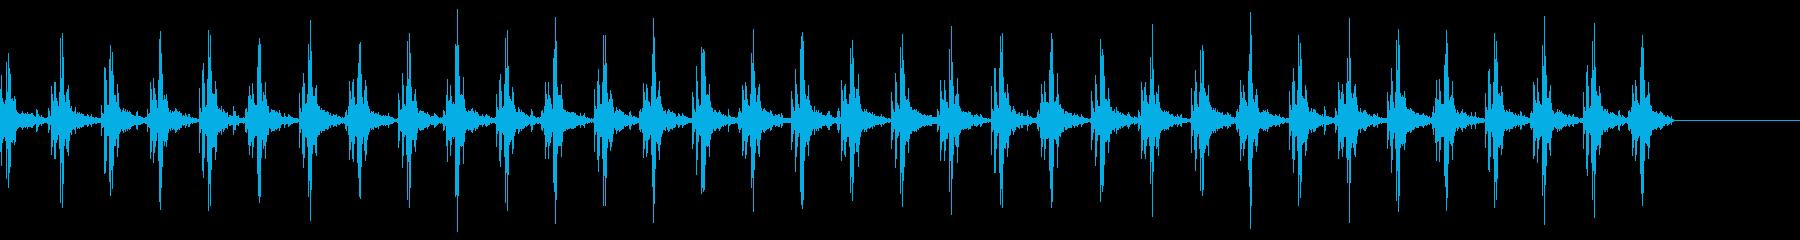 点火エンジン----アイドル-屋内の再生済みの波形